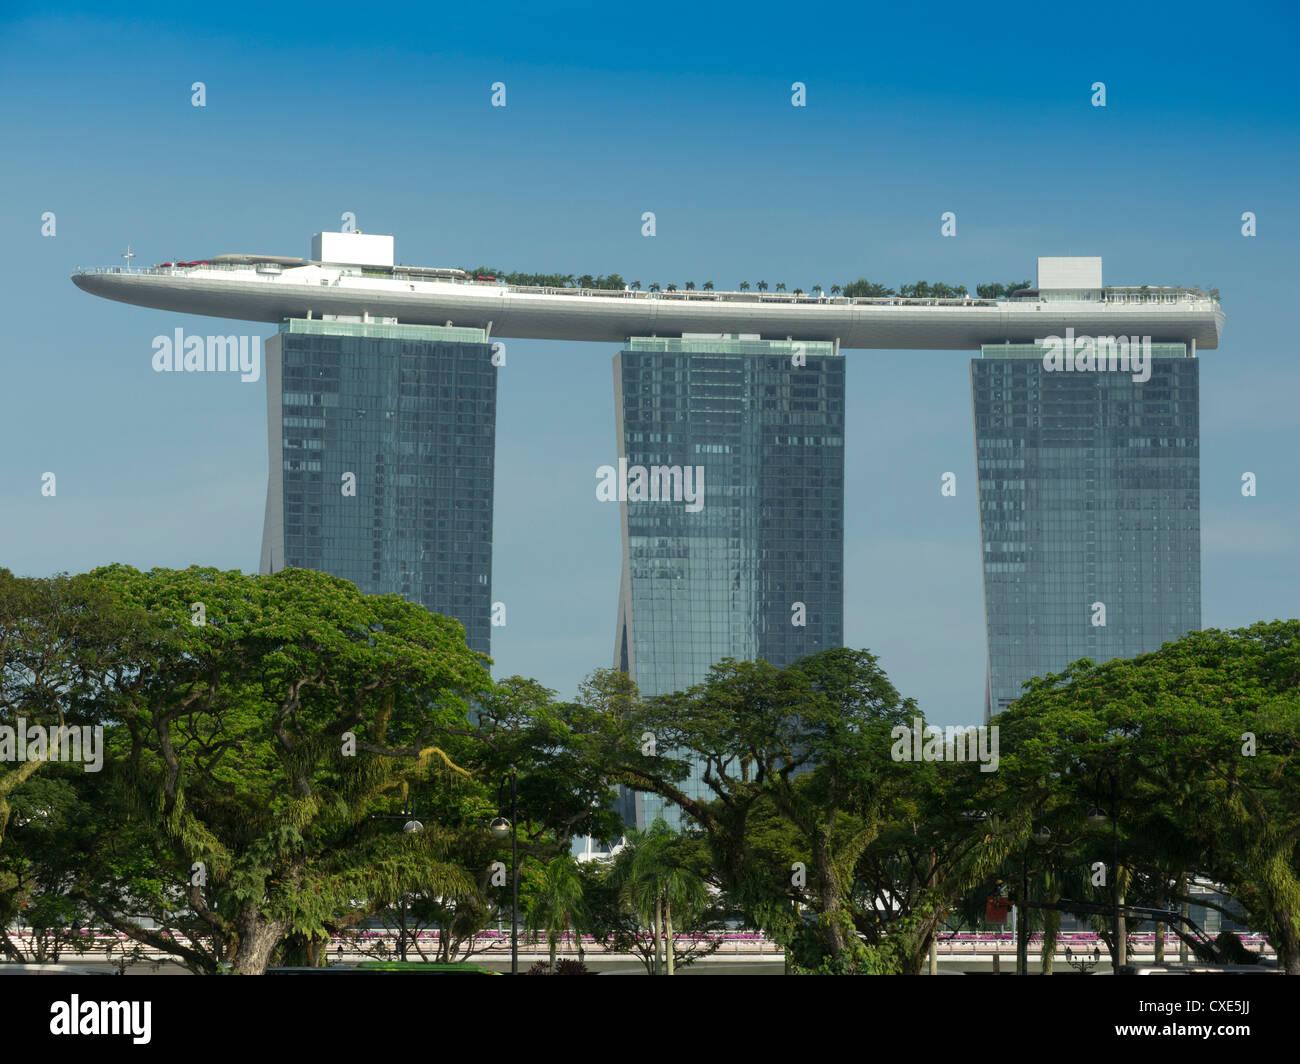 Marina bay sands Hotel, Singapore, Asia - Stock Image